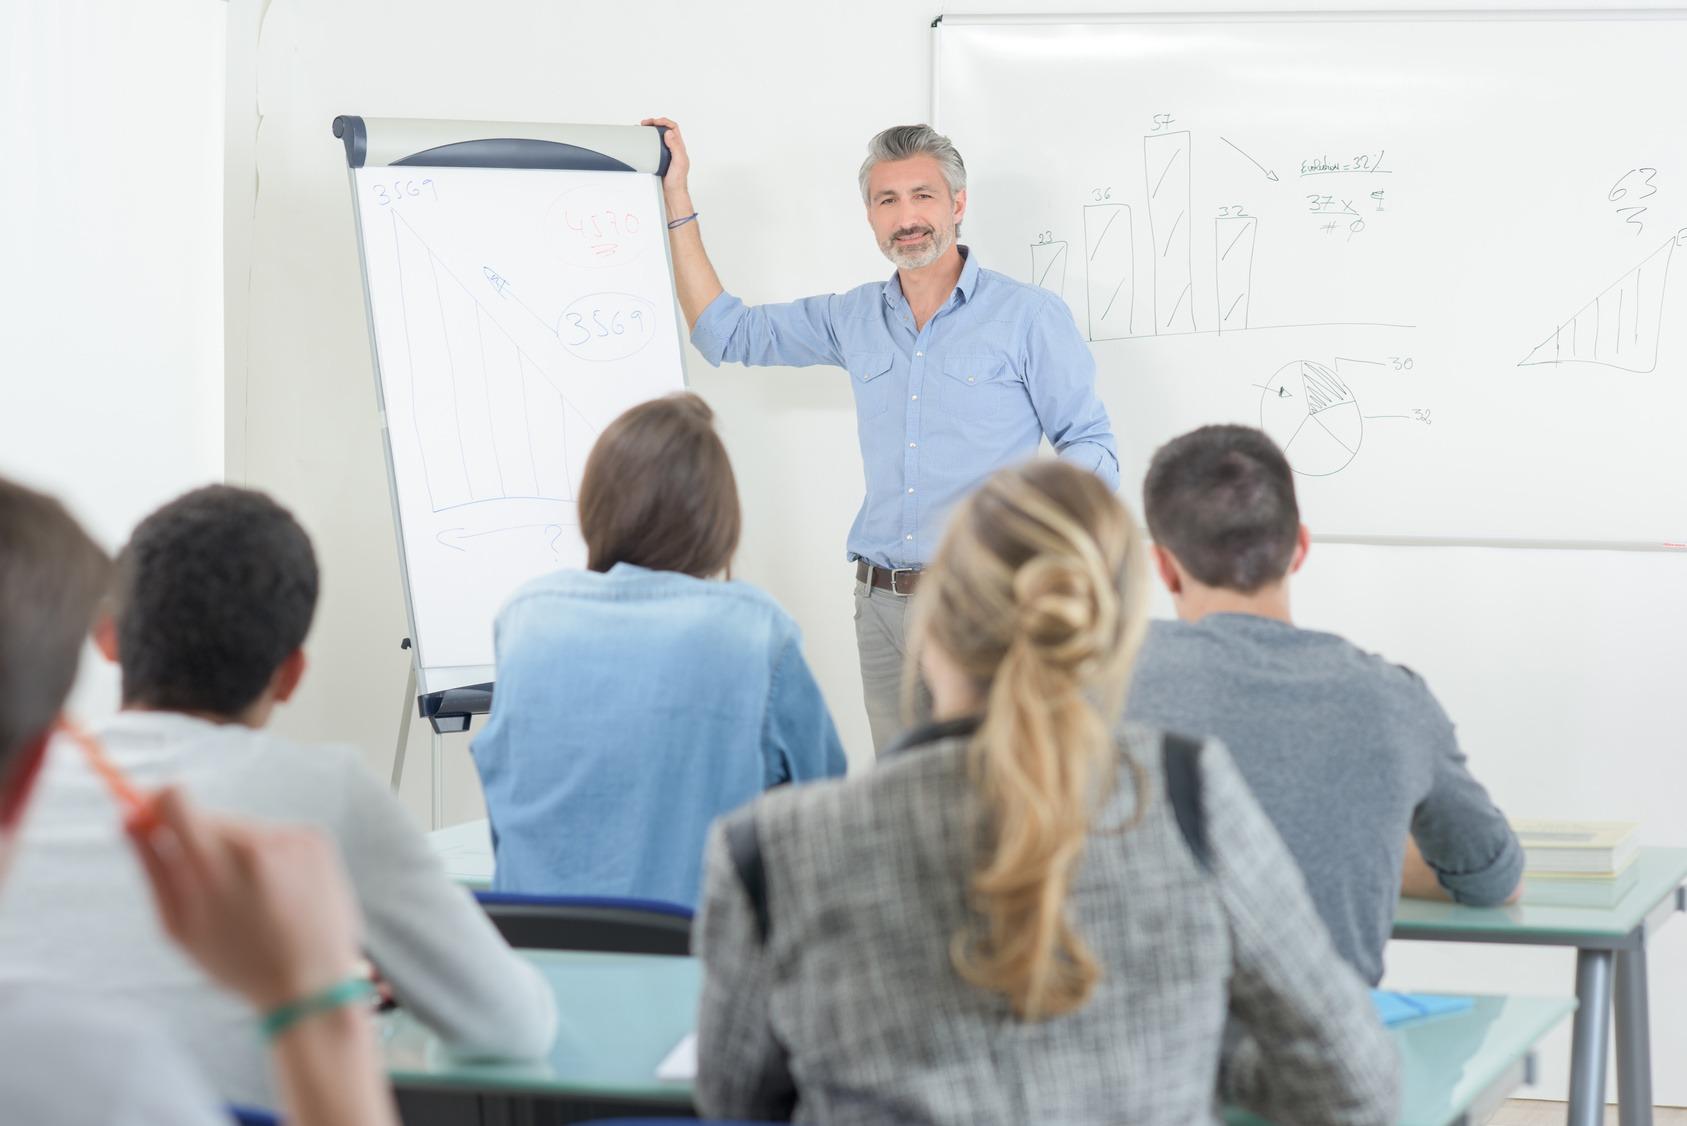 Ein Trainer mit Flipchart steht im Schulungsraum vor seinen Trainees.